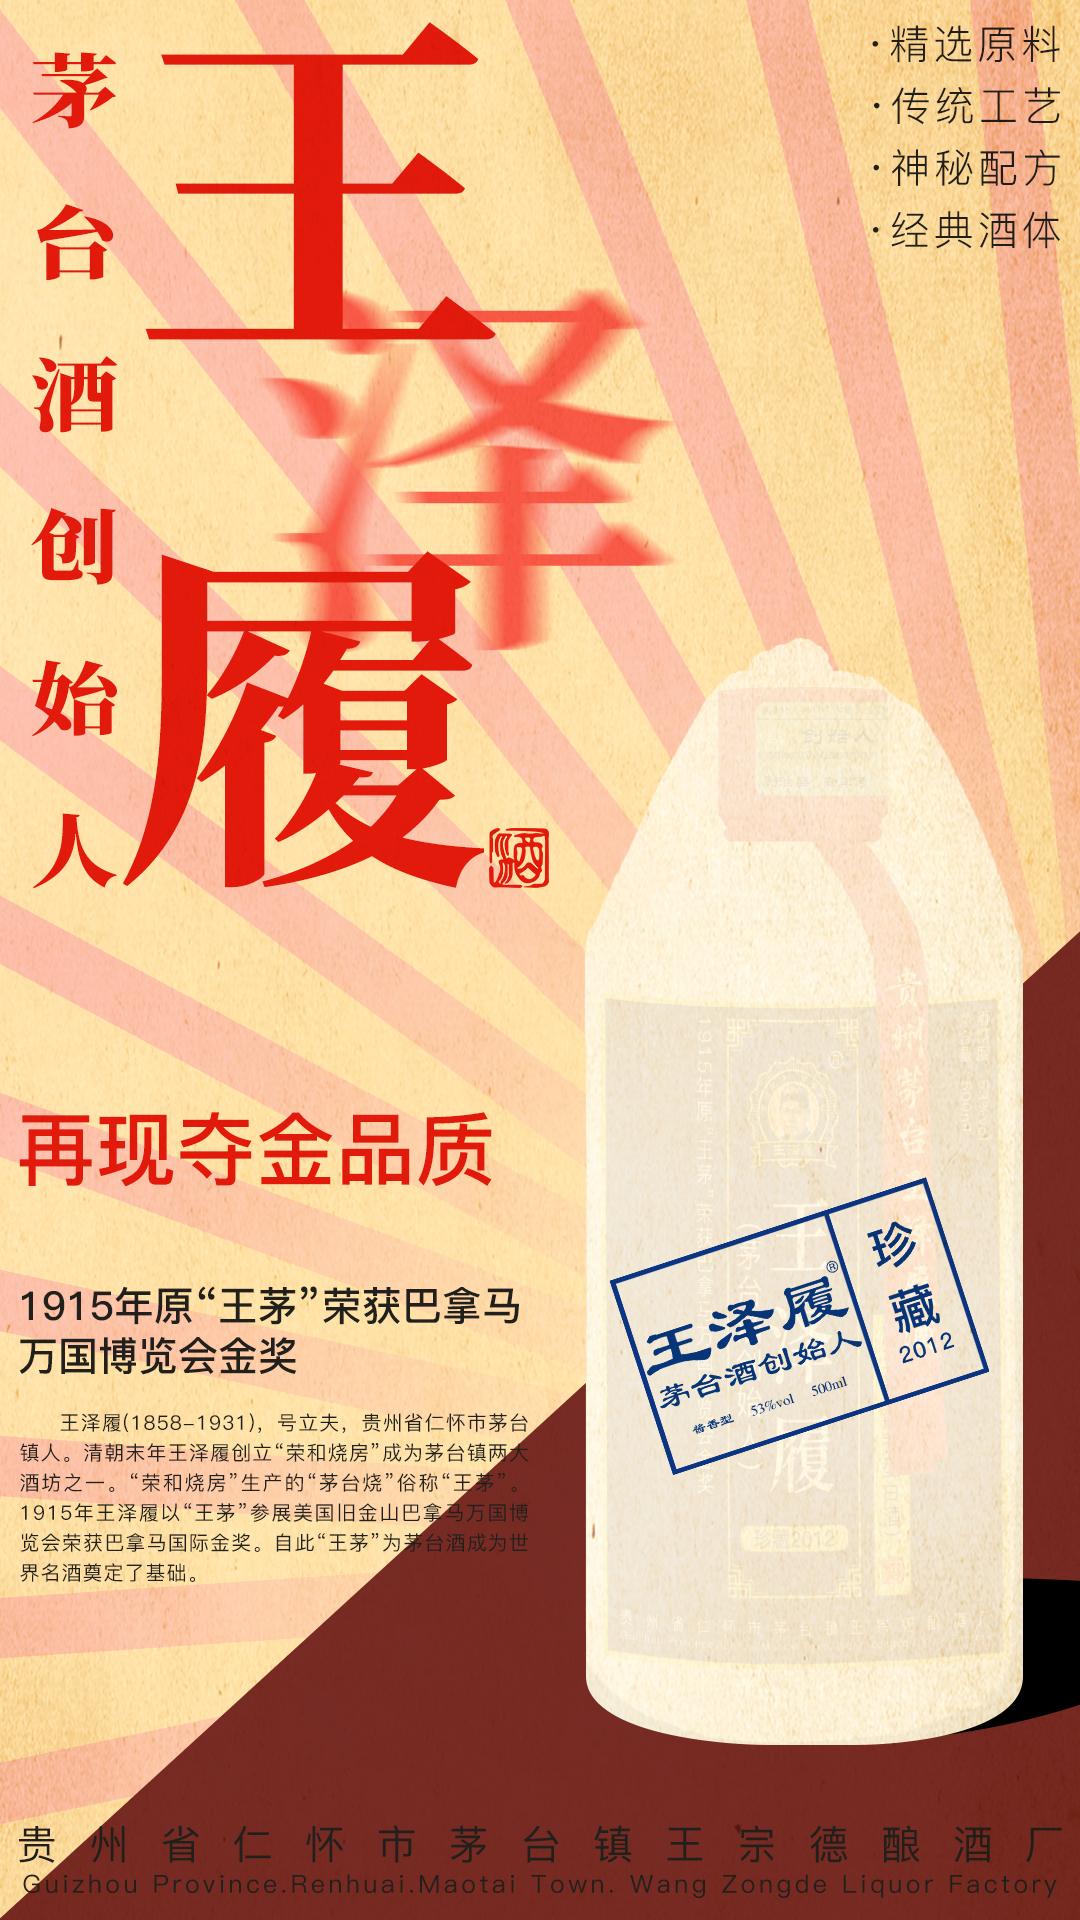 王澤履一2012珍藏